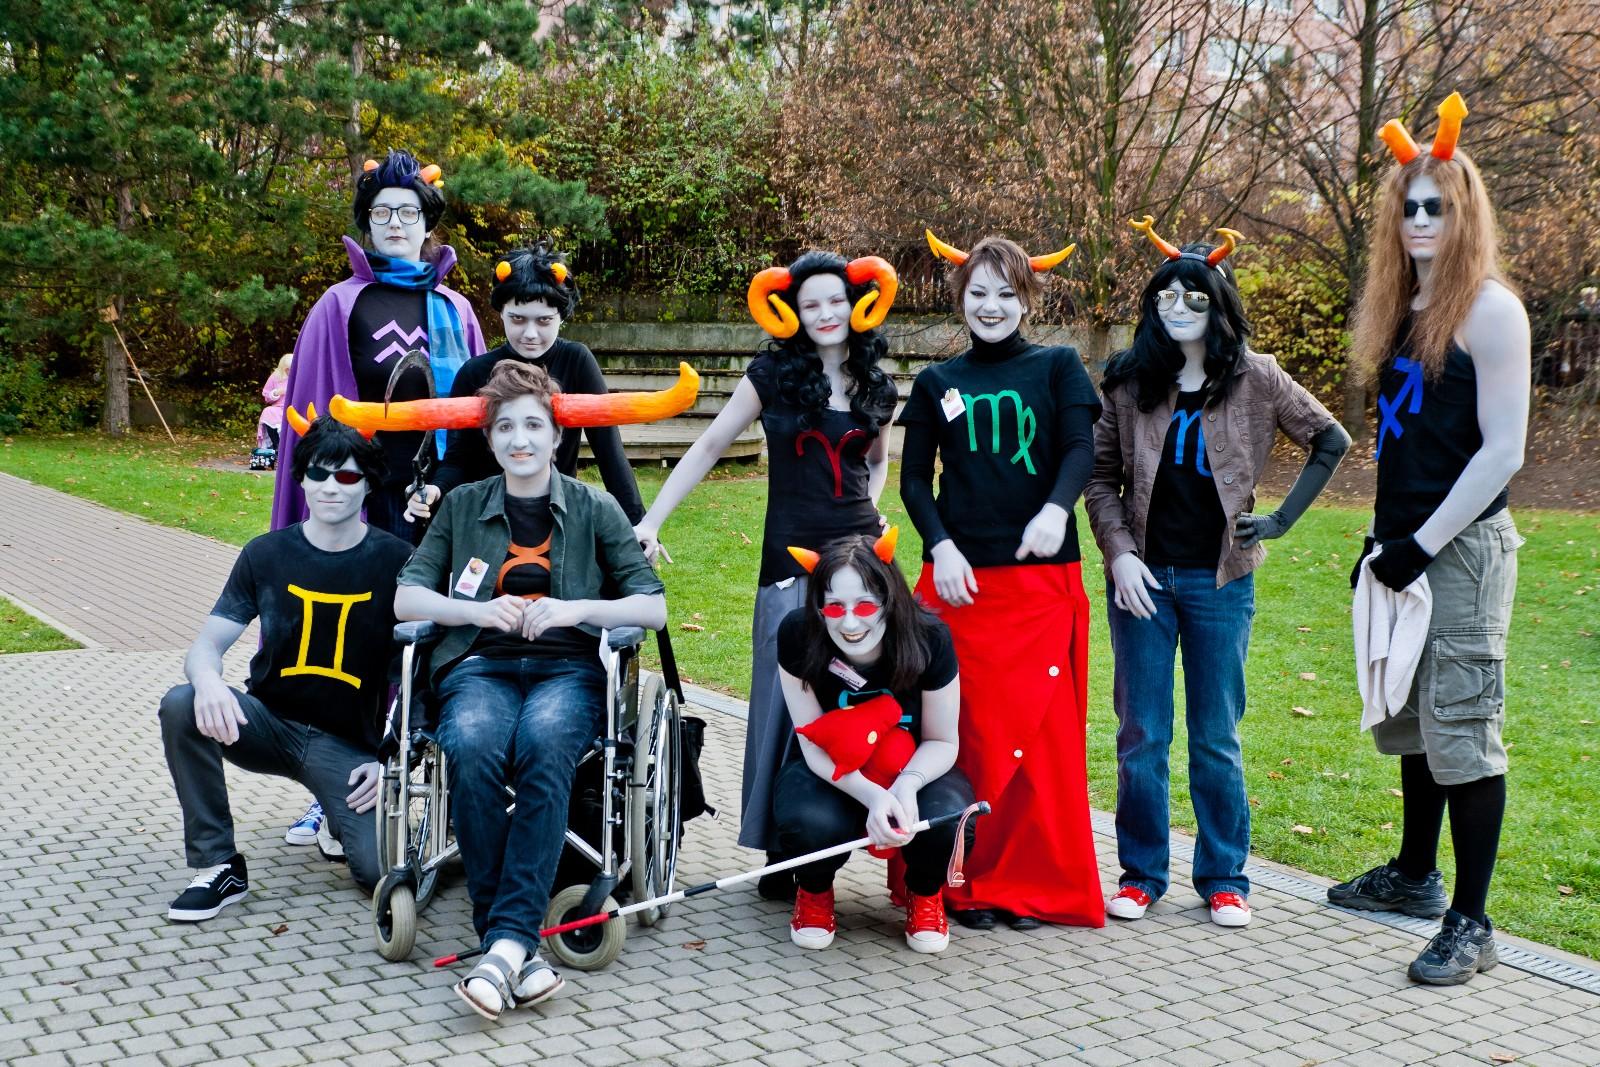 FOTO: Účastníci AkiConu v kostýmech Tavrose